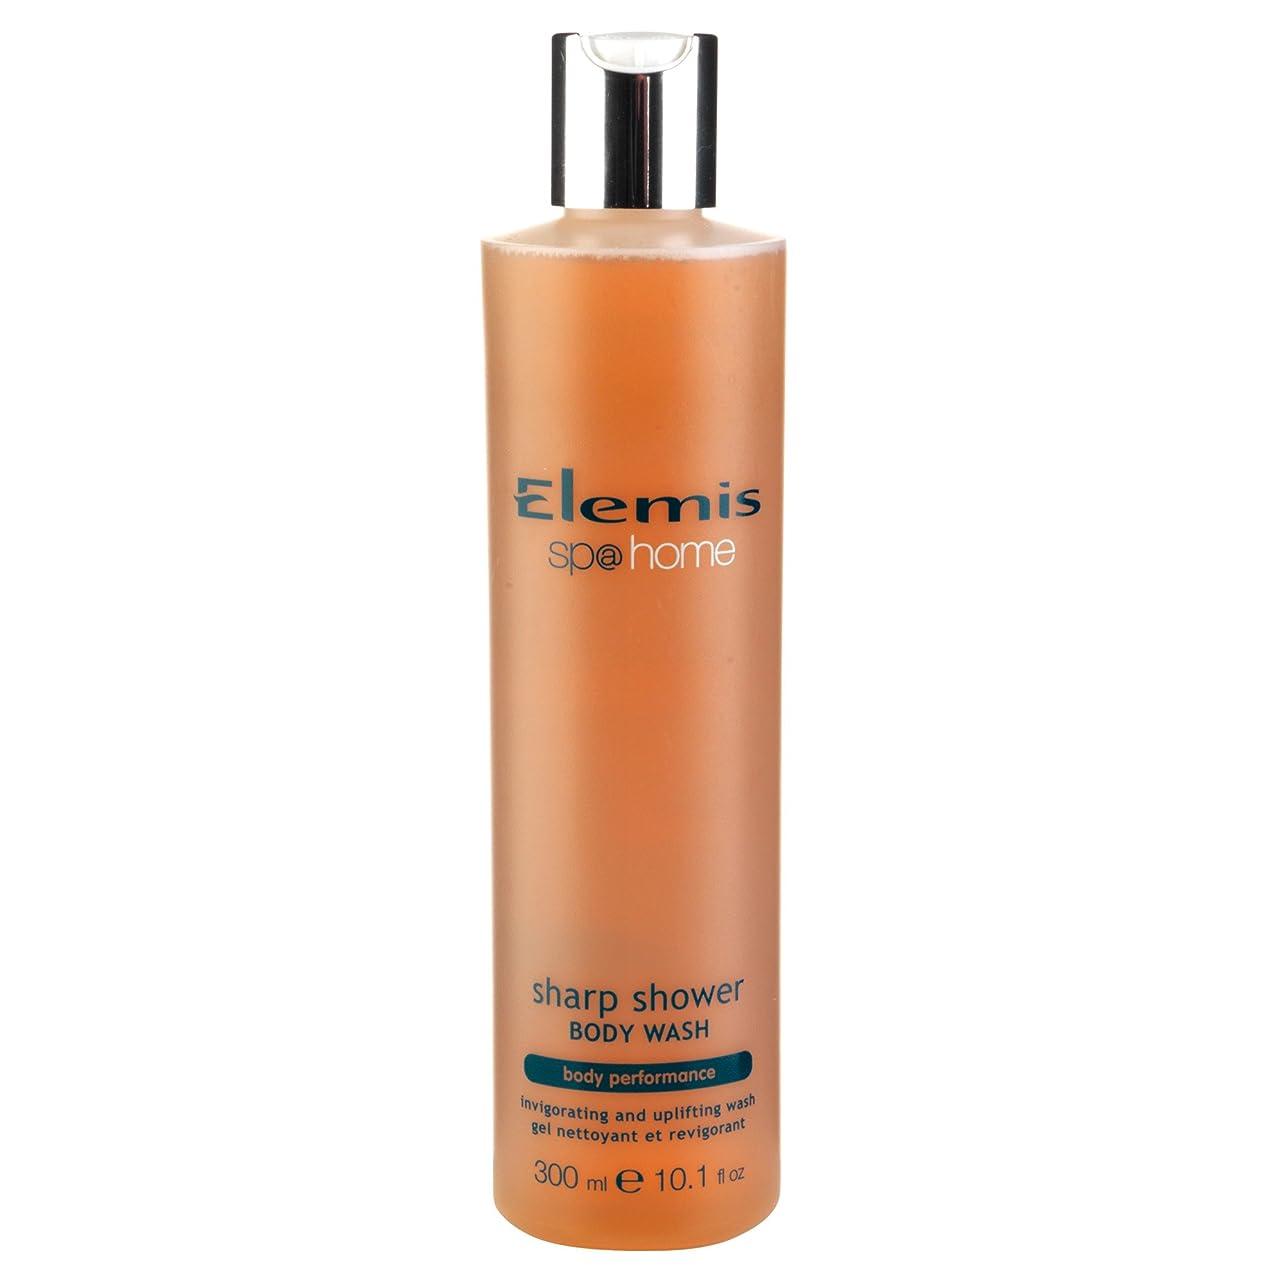 慢耕すいつかエレミスシャープシャワーボディウォッシュ300ミリリットル (Elemis) - Elemis Sharp Shower Body Wash 300ml [並行輸入品]